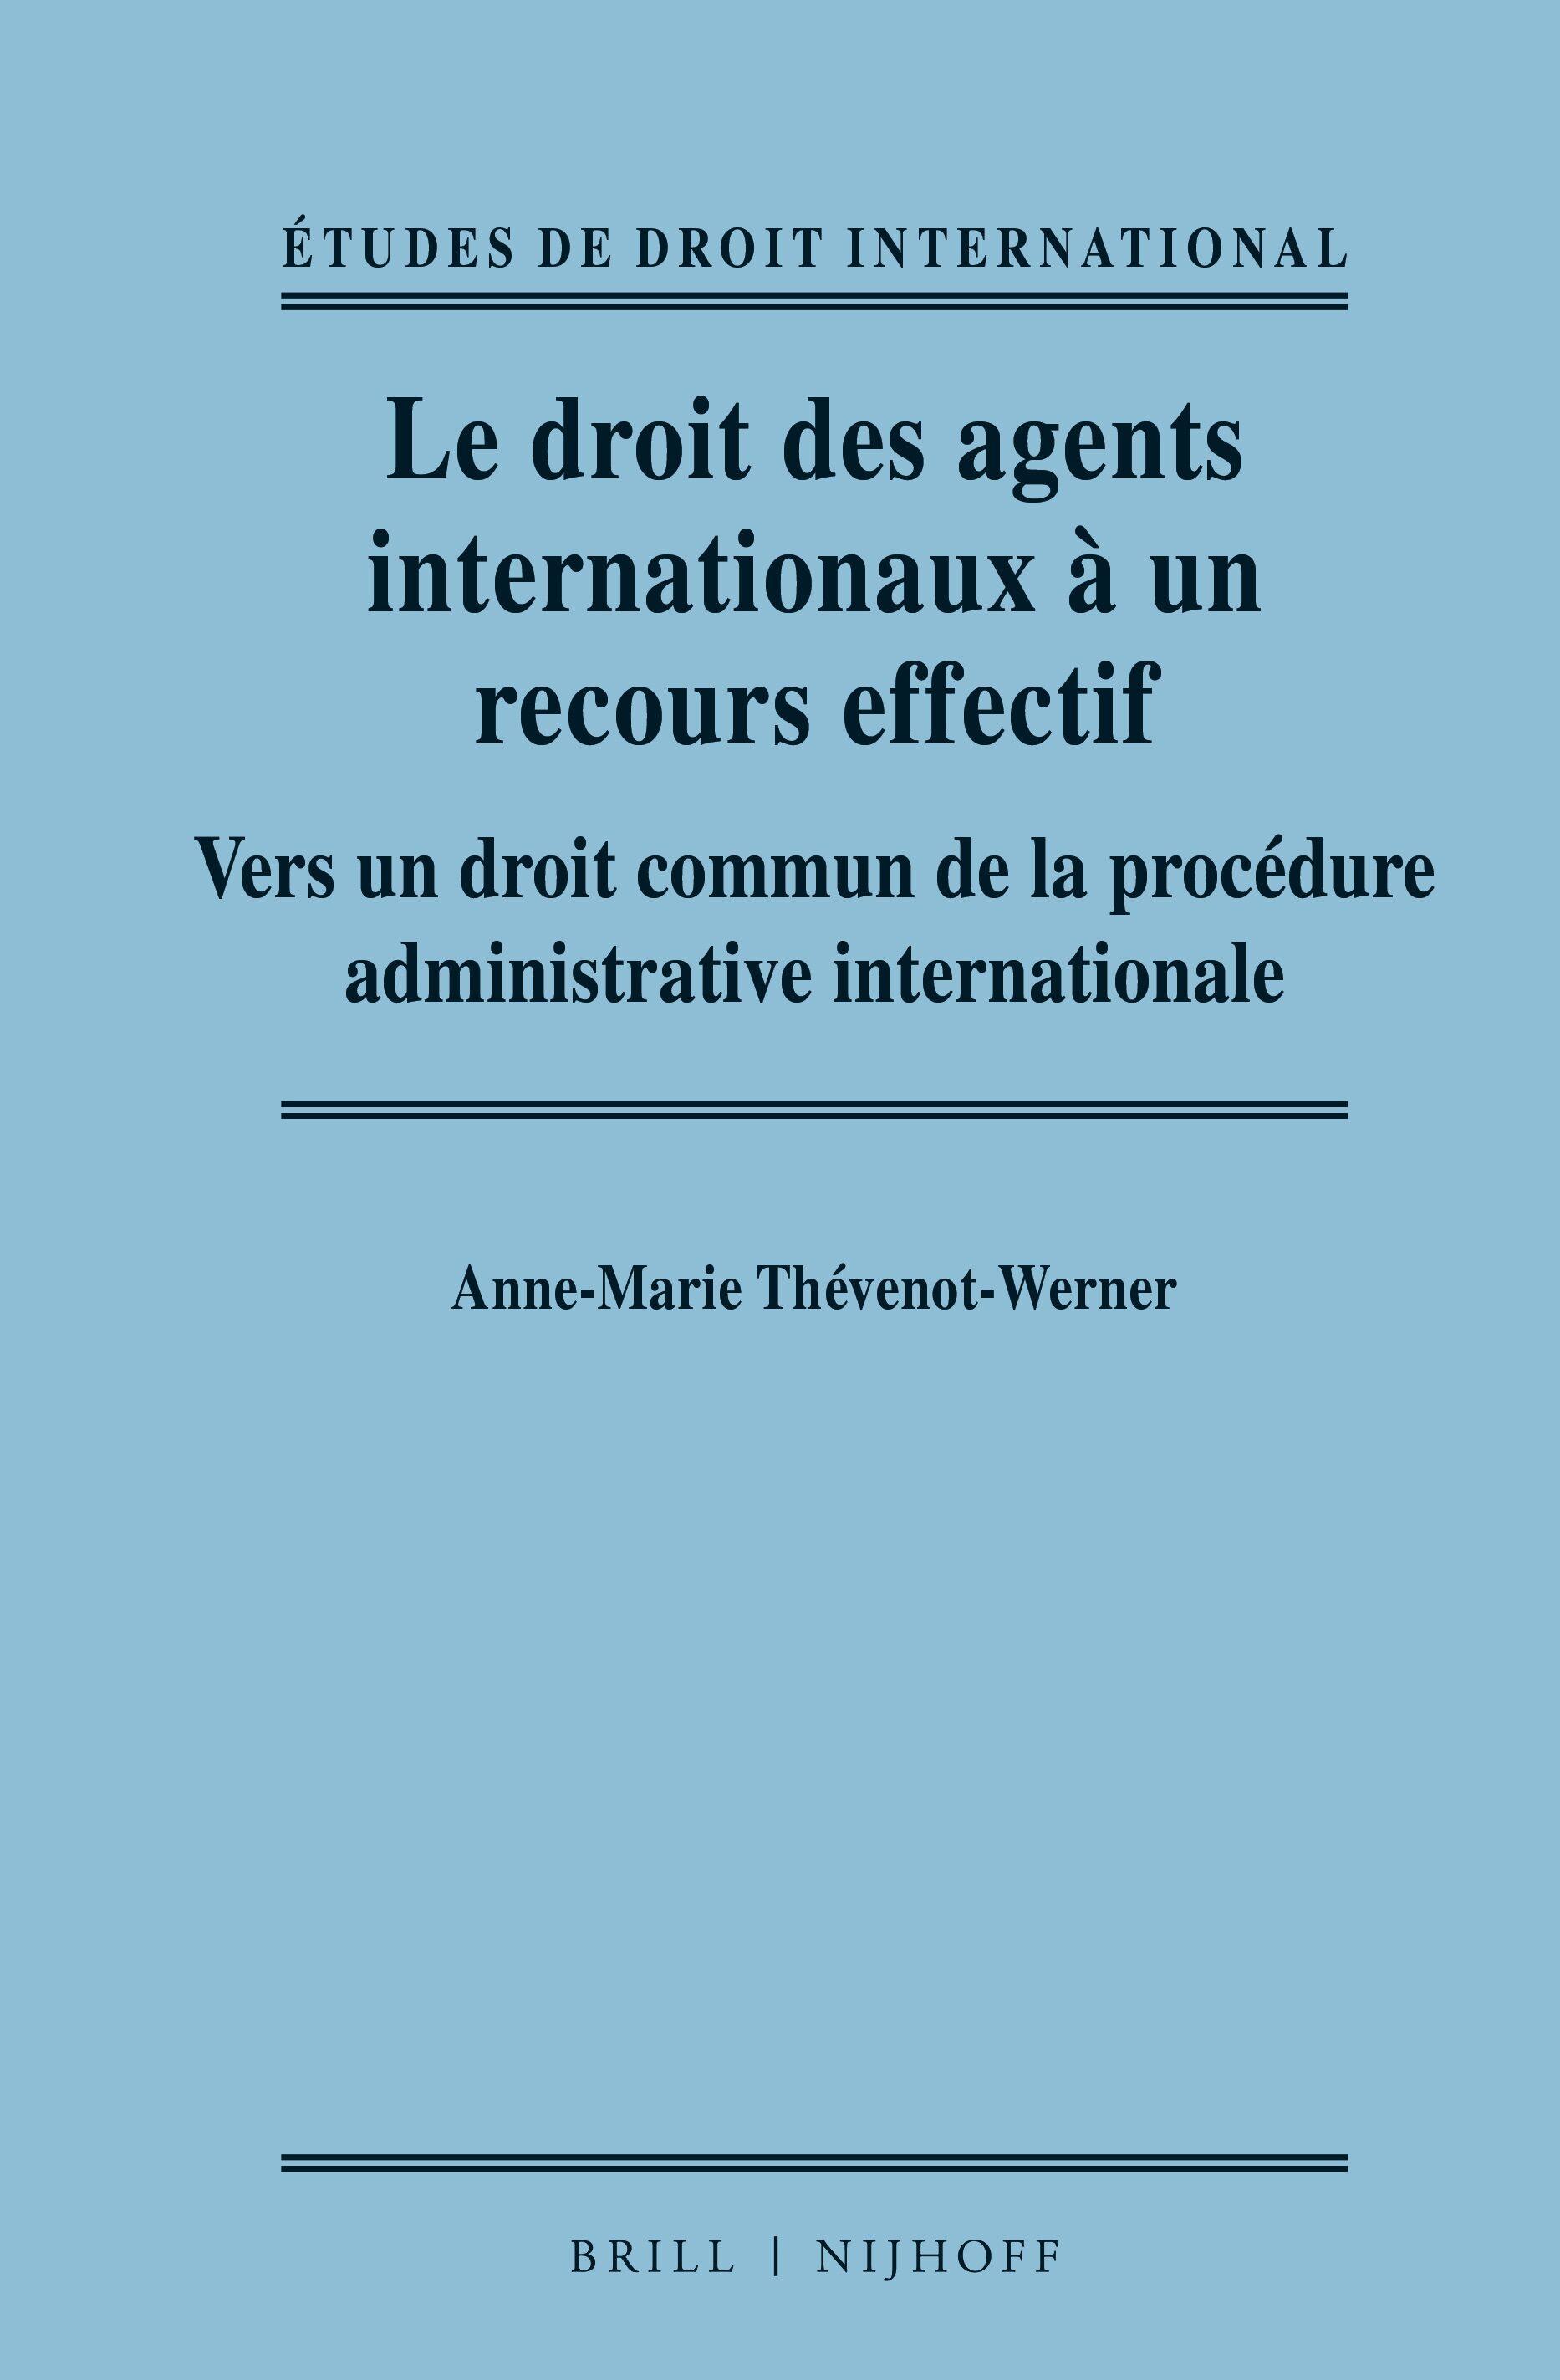 Le Droit Des Agents Internationaux A Un Recours Effectif Vers Un Droit Commun De La Procedure Administrative Internationale Brill